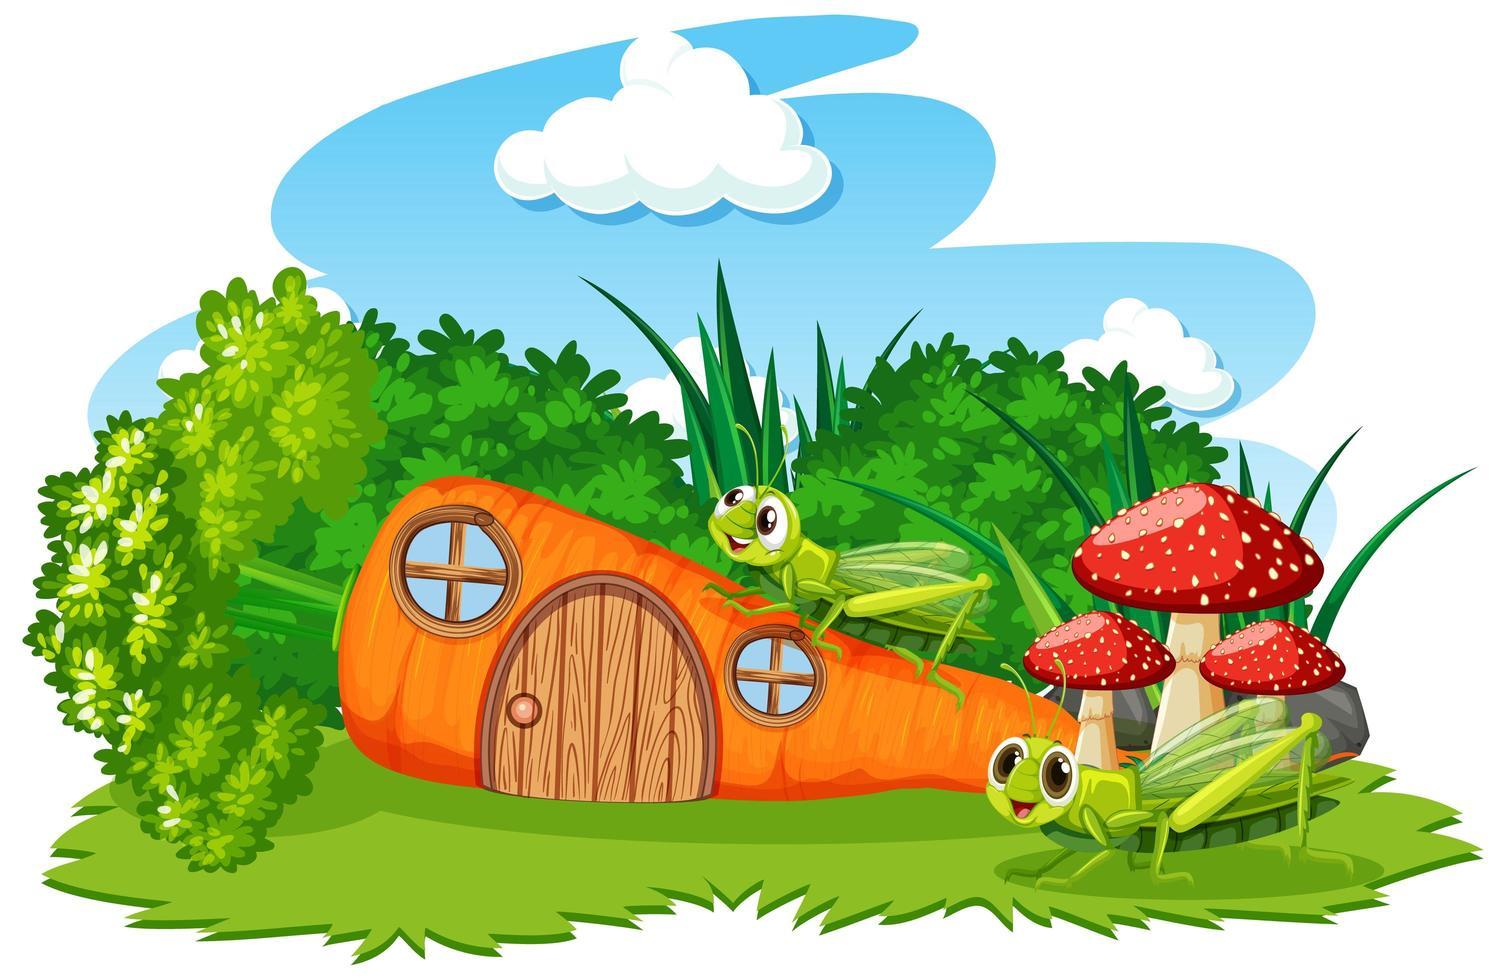 dessin animé, carotte, maison, à, deux, sauterelles vecteur